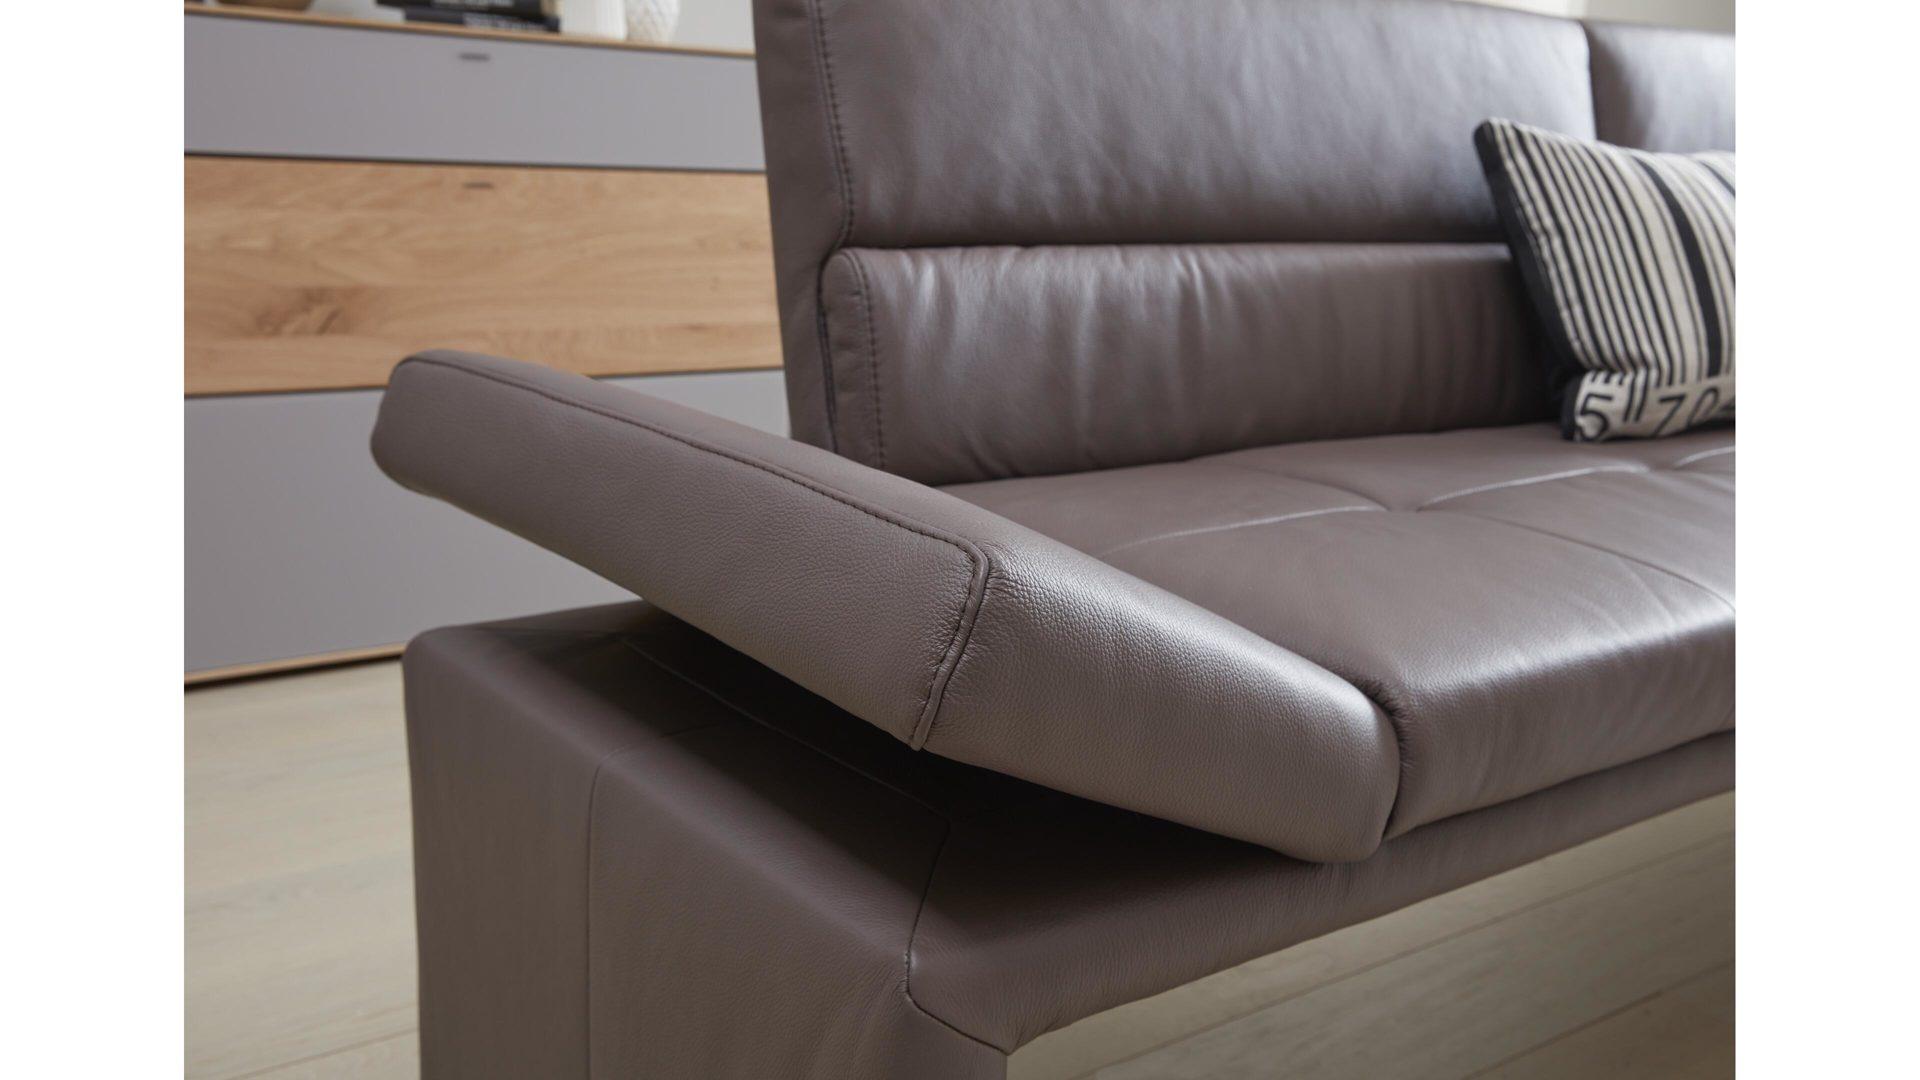 Interliving Esszimmer Serie 5601 Solobank Braunes Longlife Leder